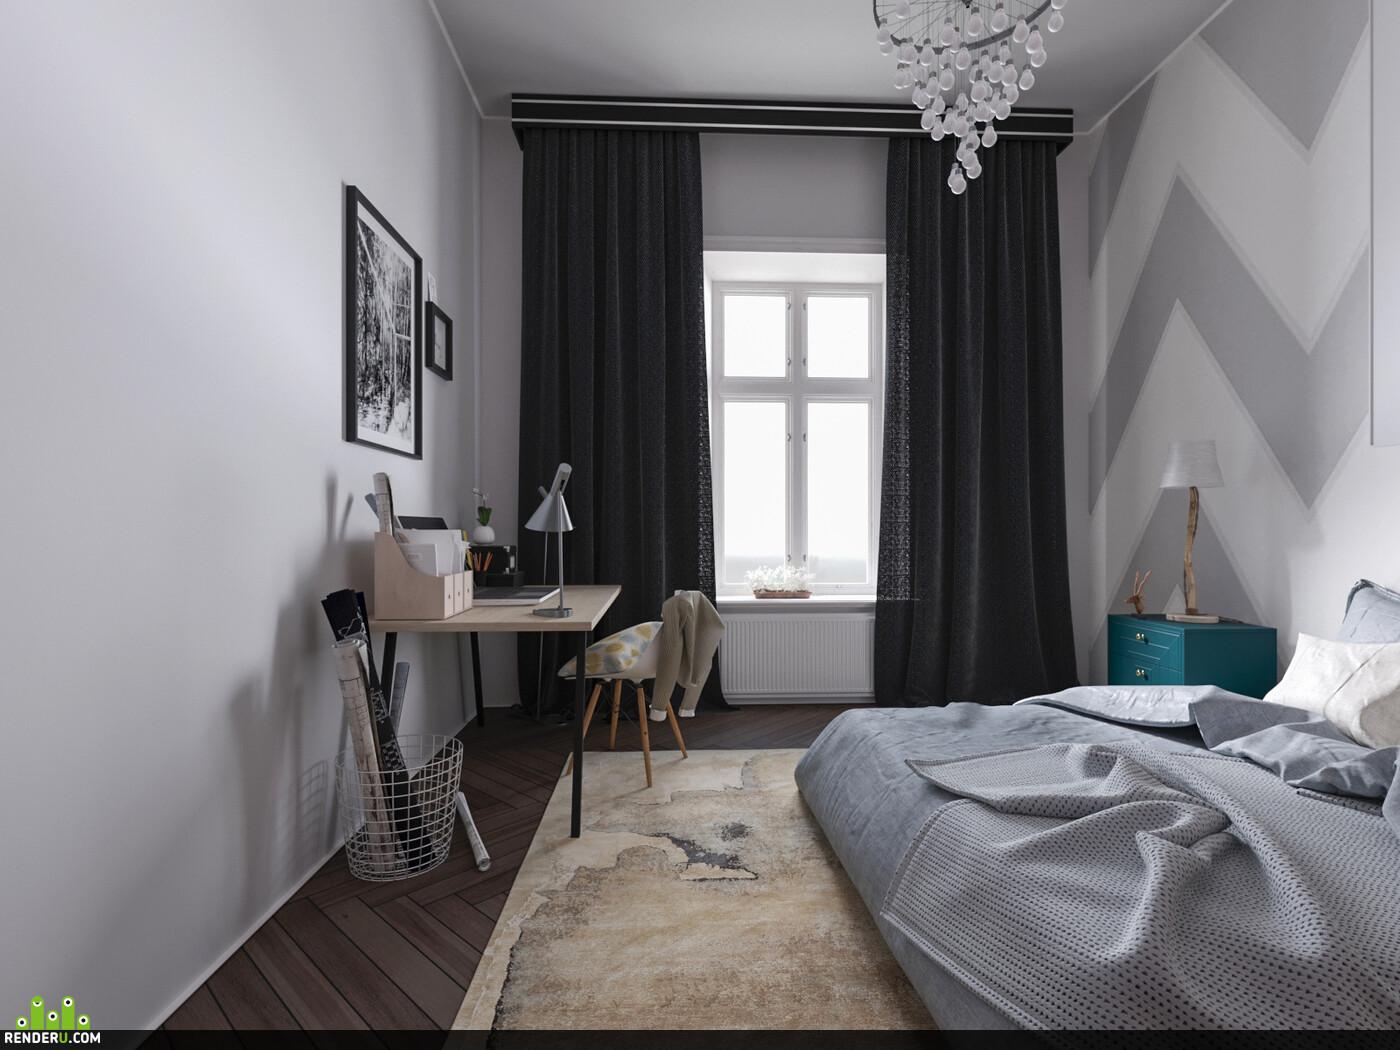 интерьер, Спальня, скандинавский стиль, дизайн, кровать, комната, дизайн спальни, дизайн интерьера, interior interior design design 3D 3D Studio Max 3D архитектура интерьер дизайн интерьера интерьер, visualization